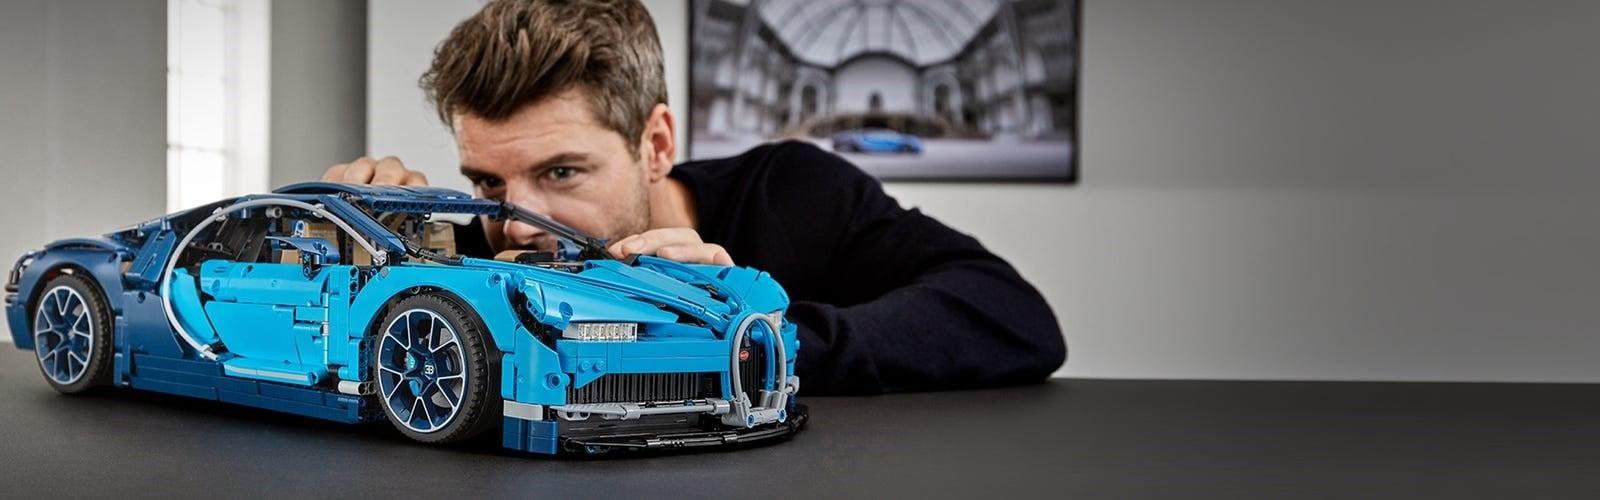 LEGO® Technic™ Bugatti Chiron Kit.jpg